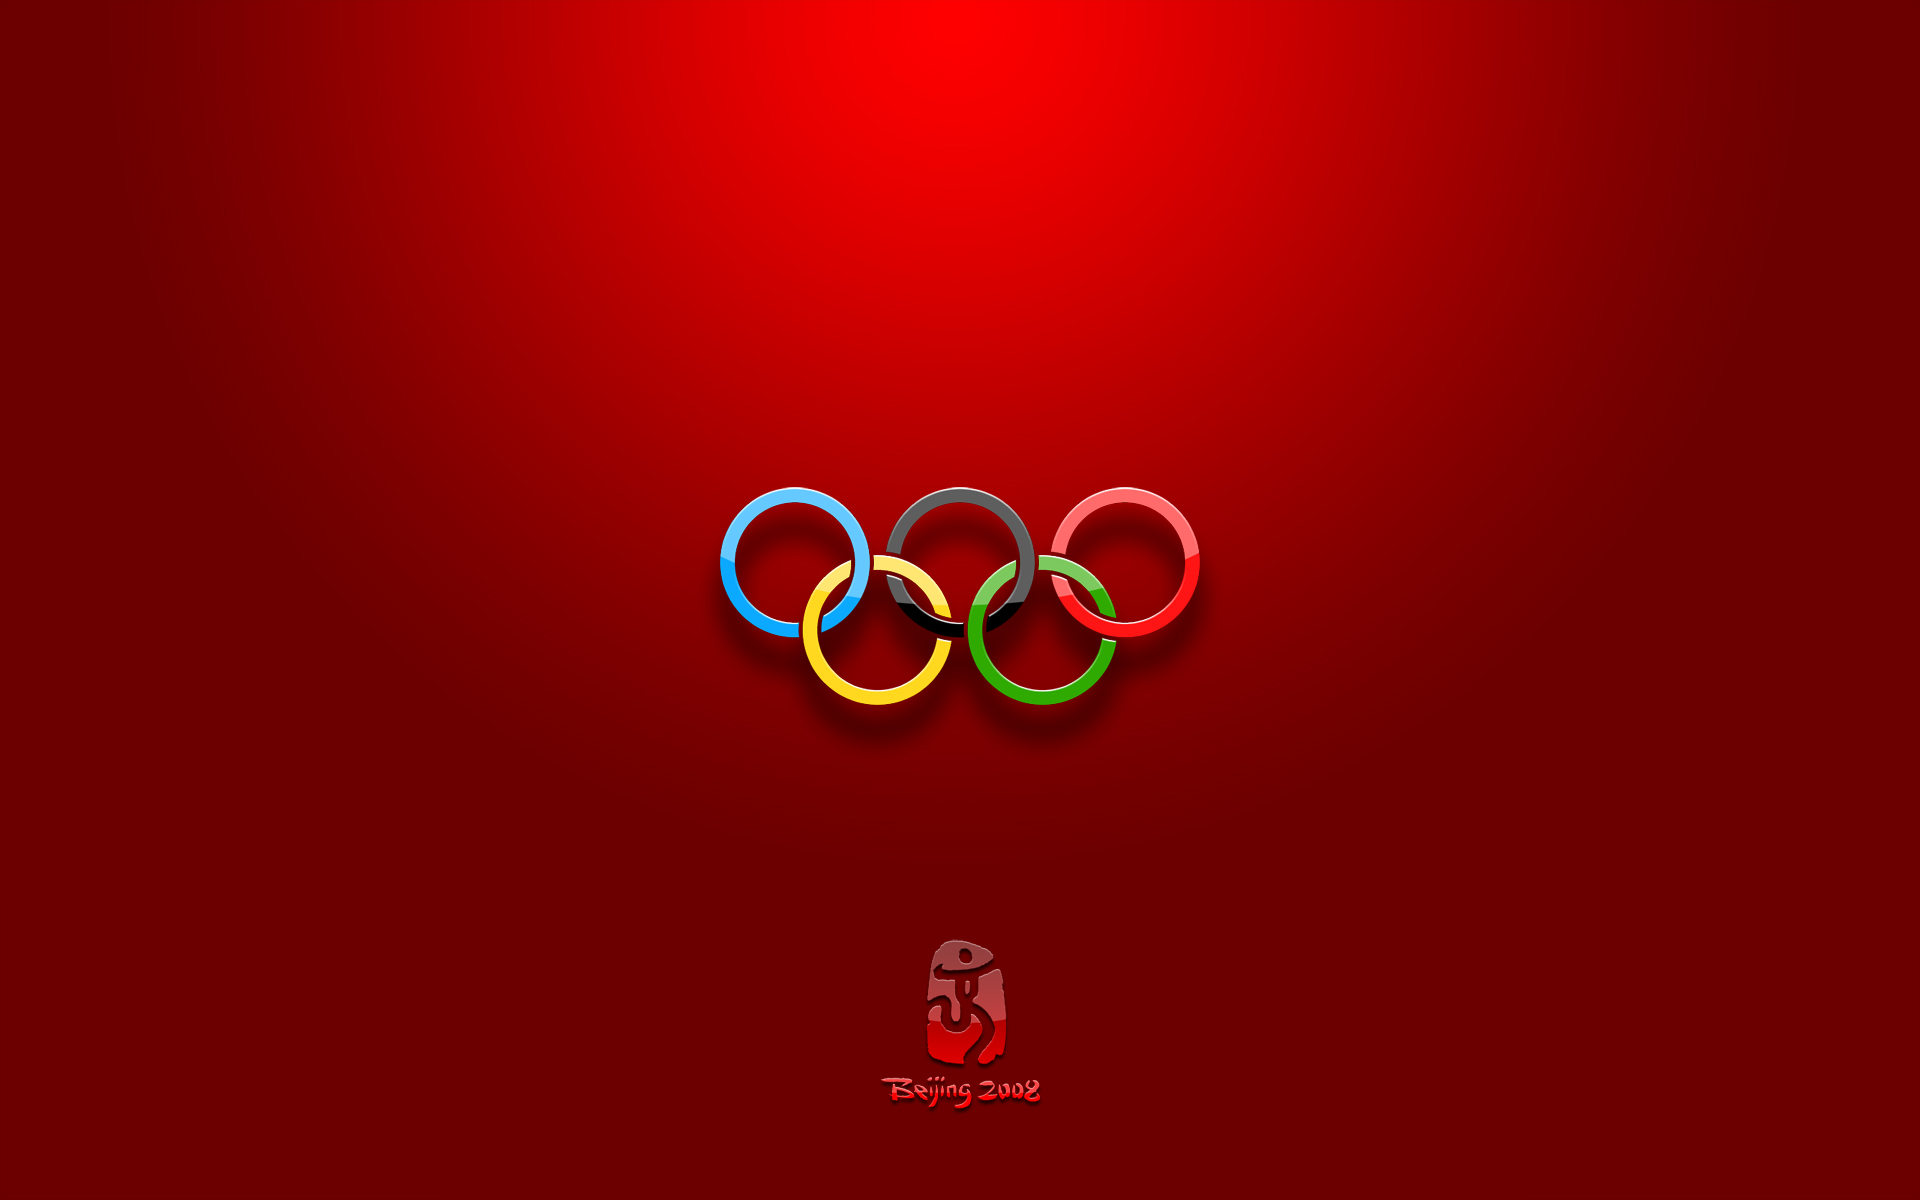 Олимпийские кольца - обои